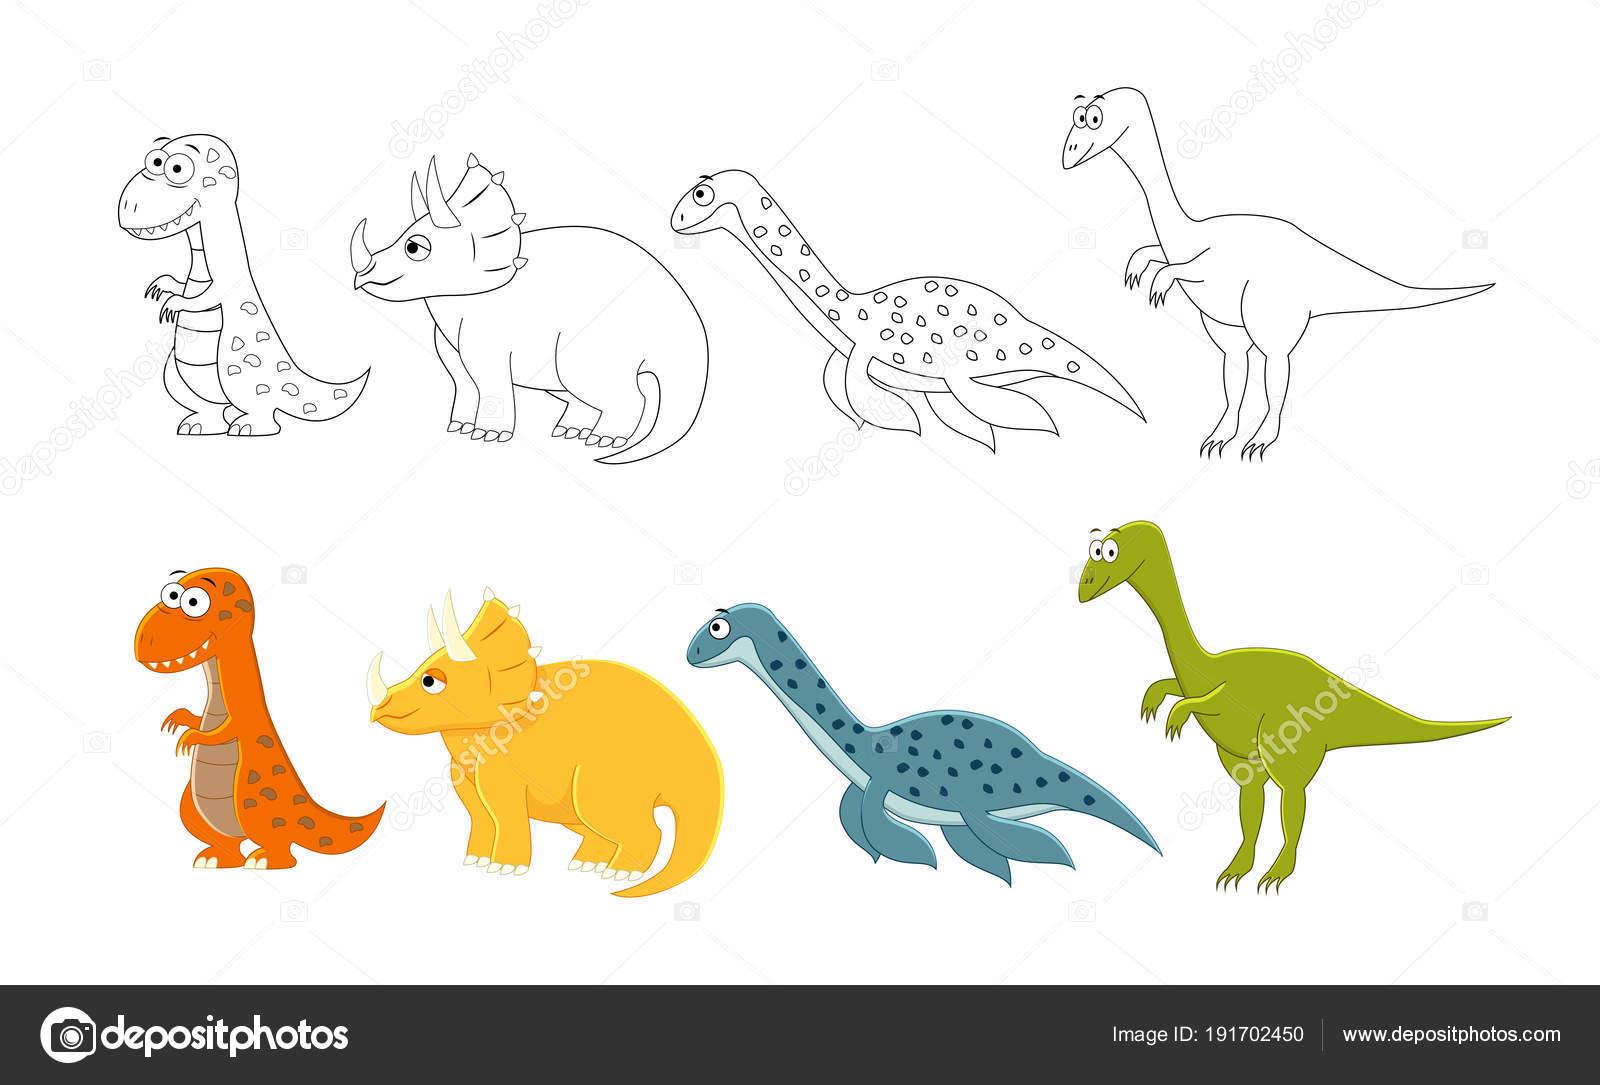 Imagenes De Niños Para Colorear Animados: Fotos: Dinosaurios Para Niños